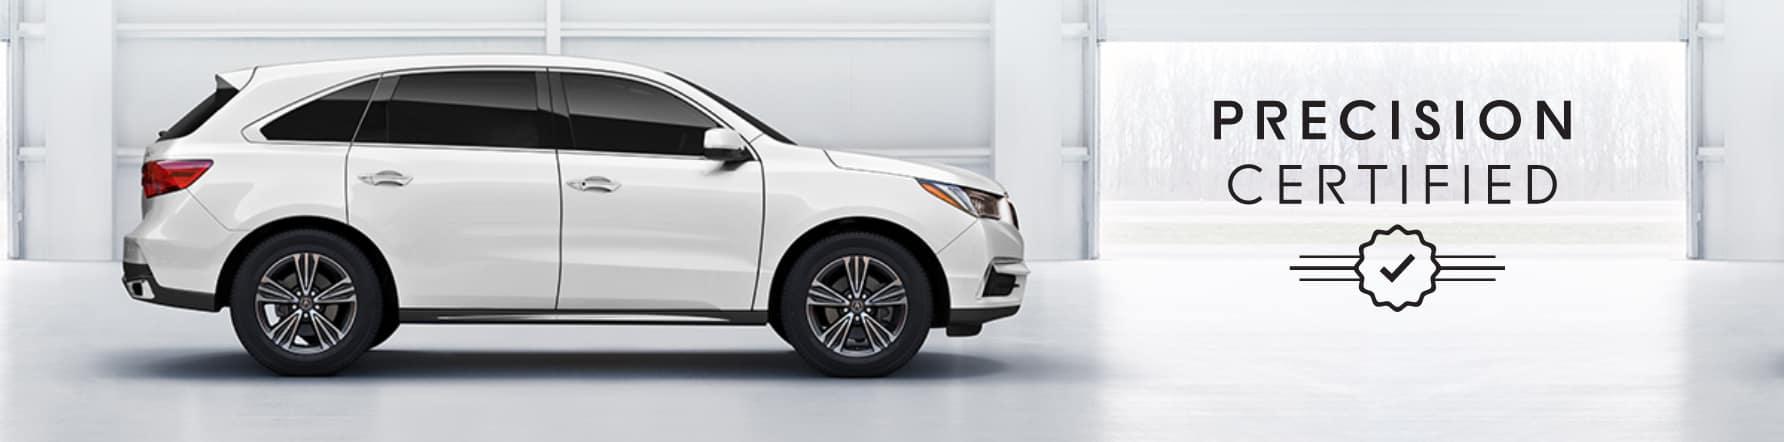 Acura CPO Program Sunnyside Acura Nashua, NH 03063